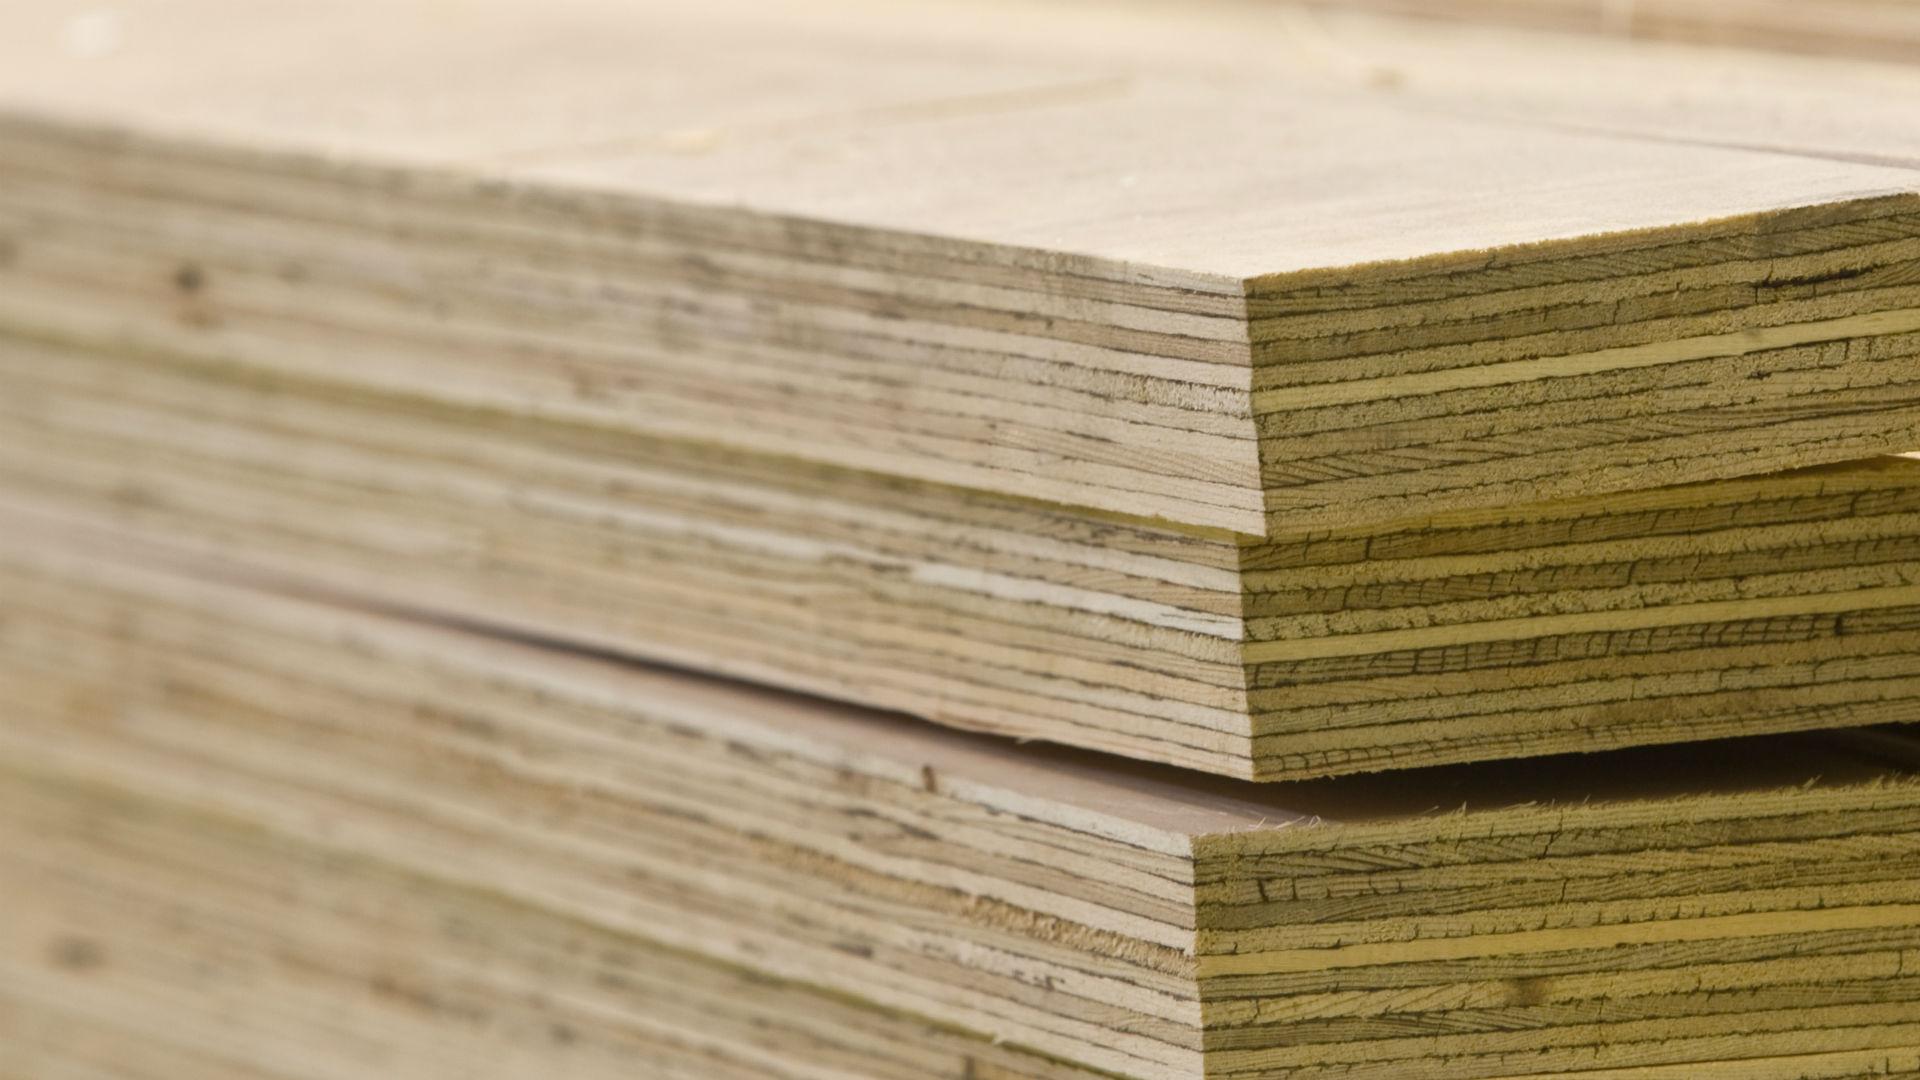 LVL lumber - laminated veneer lumber | Ultralam | Official